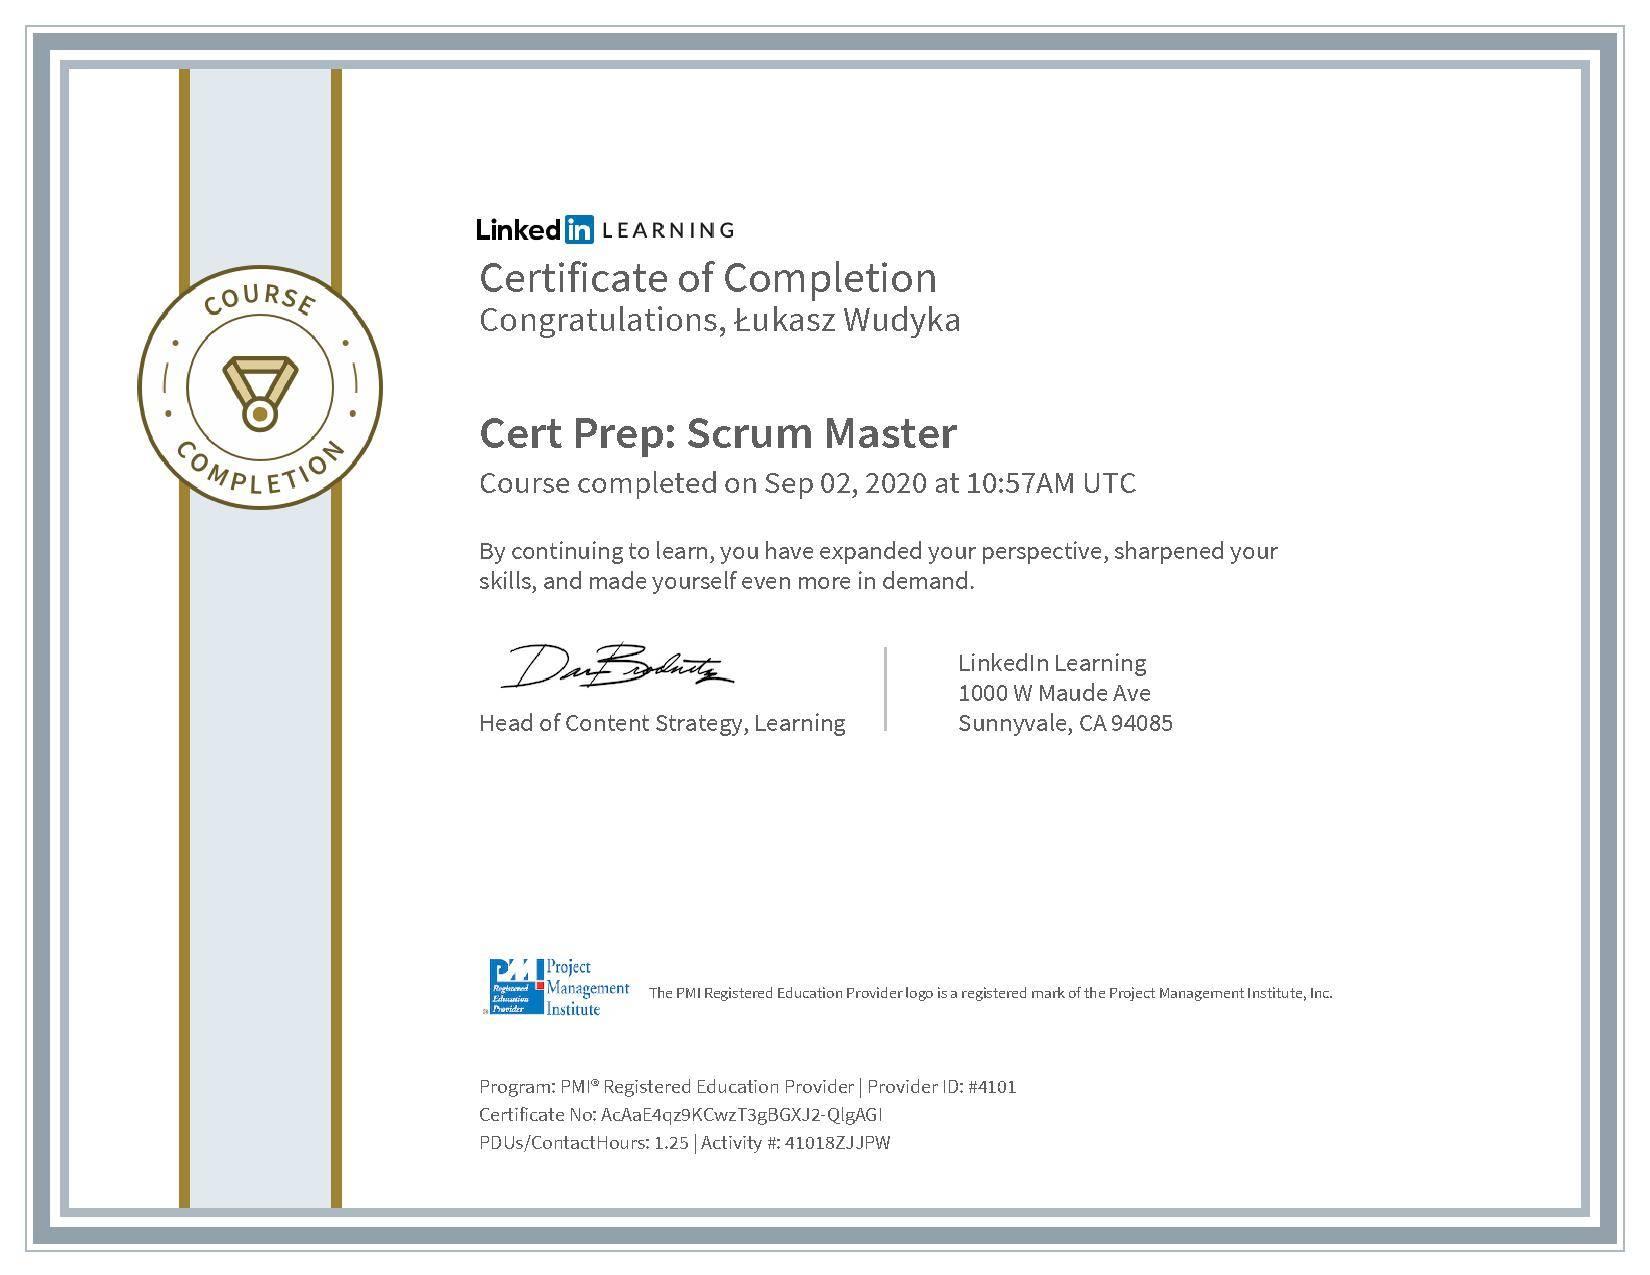 Łukasz Wudyka certyfikat LinkedIn Cert Prep: Scrum Master PMI